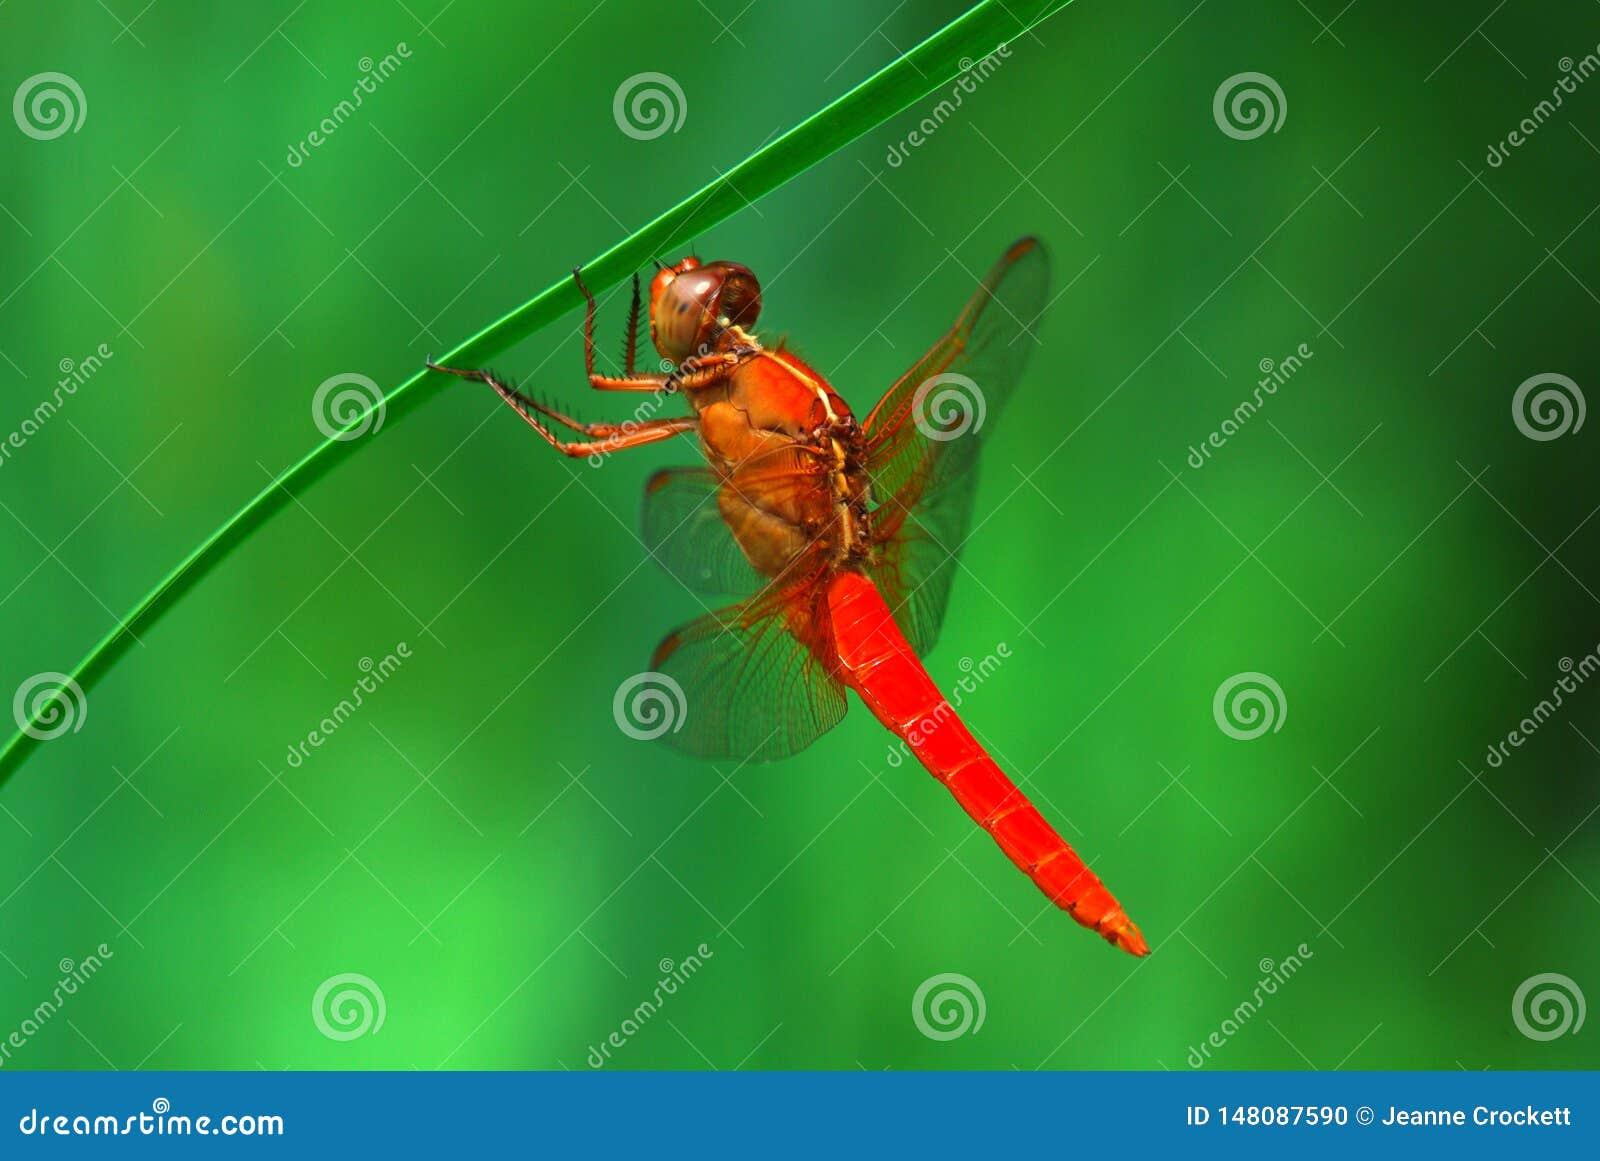 Libélula vermelha que pendura de um junco